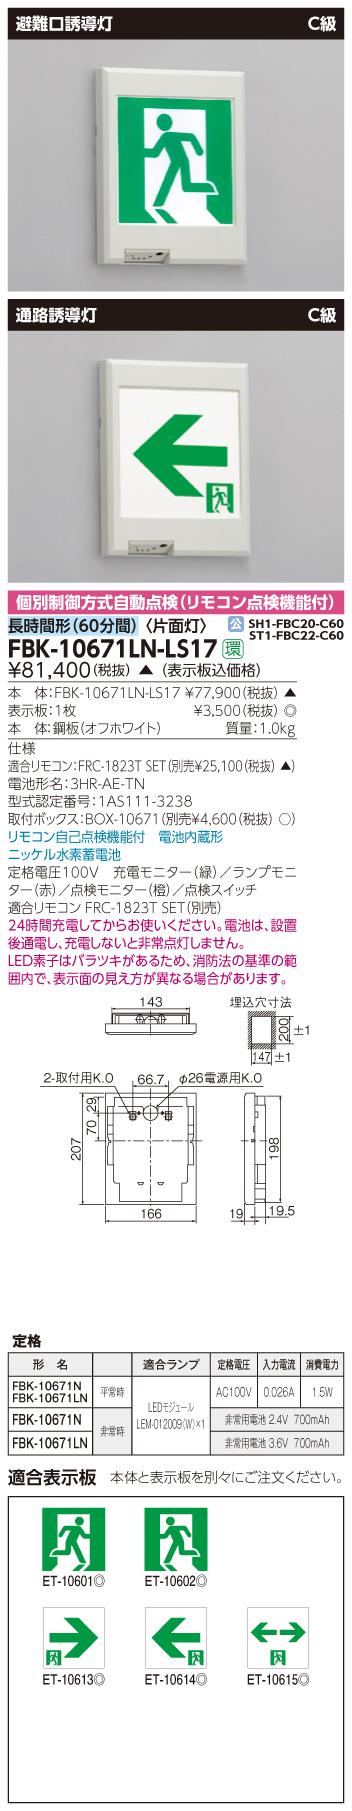 【法人様限定】東芝 FBK-10671LN-LS17 LED誘導灯 壁埋込形 電池内蔵 片面 C級 長時間(60分) 【表示板別売】